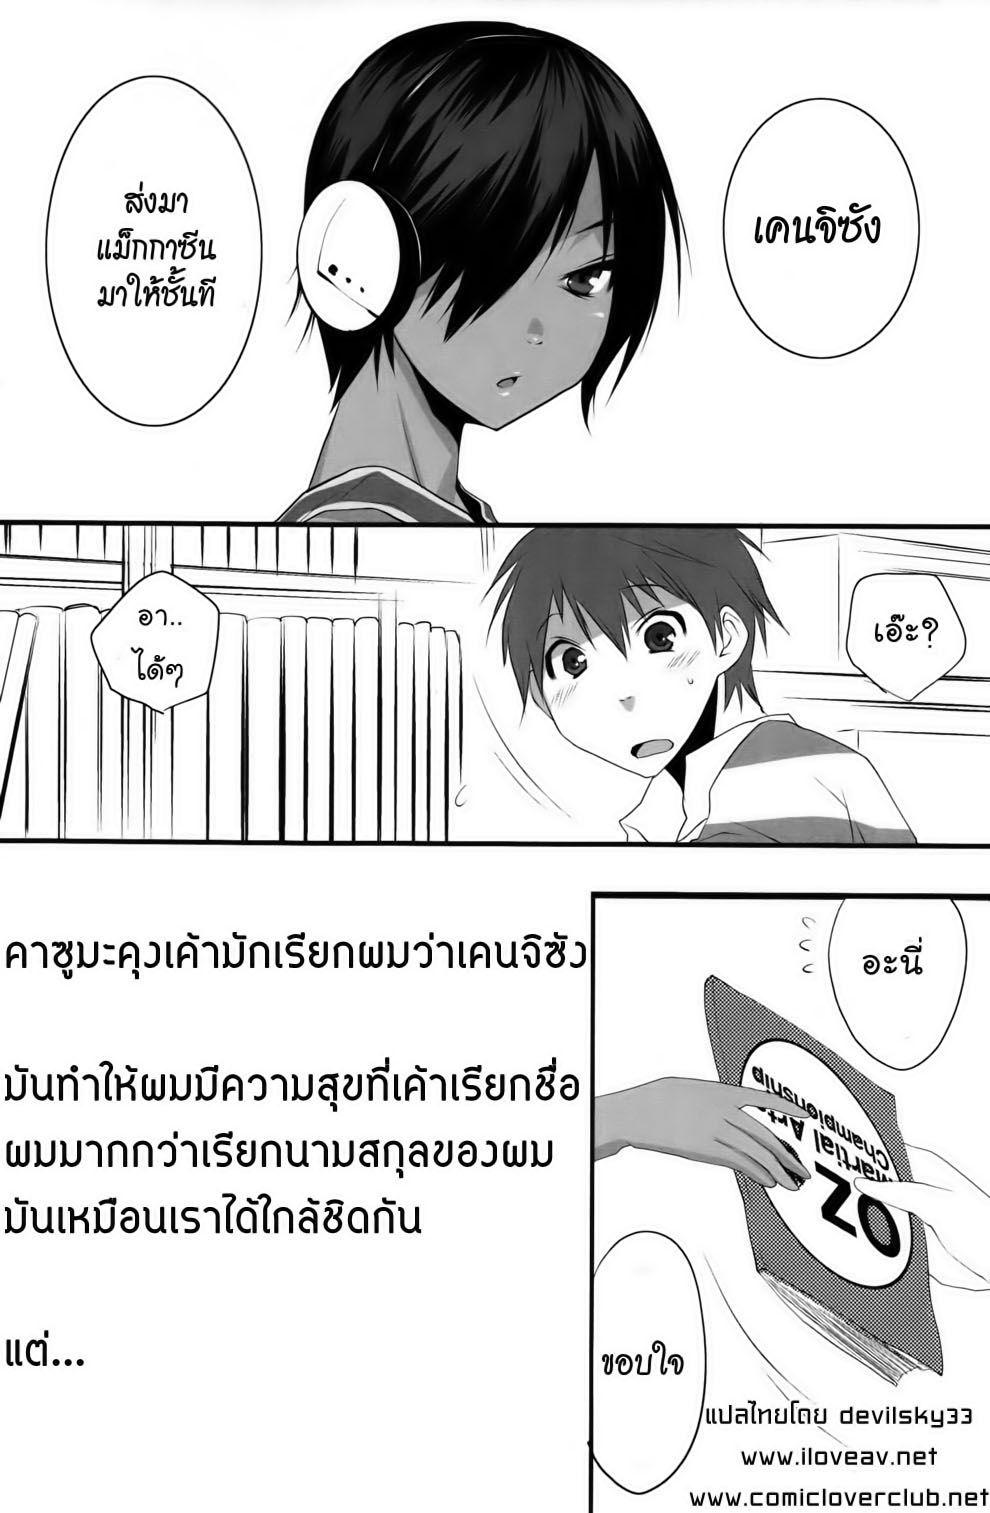 Usagi no Risu (Summer Wars) แปลโดย devilsky33  DoJinDe.com